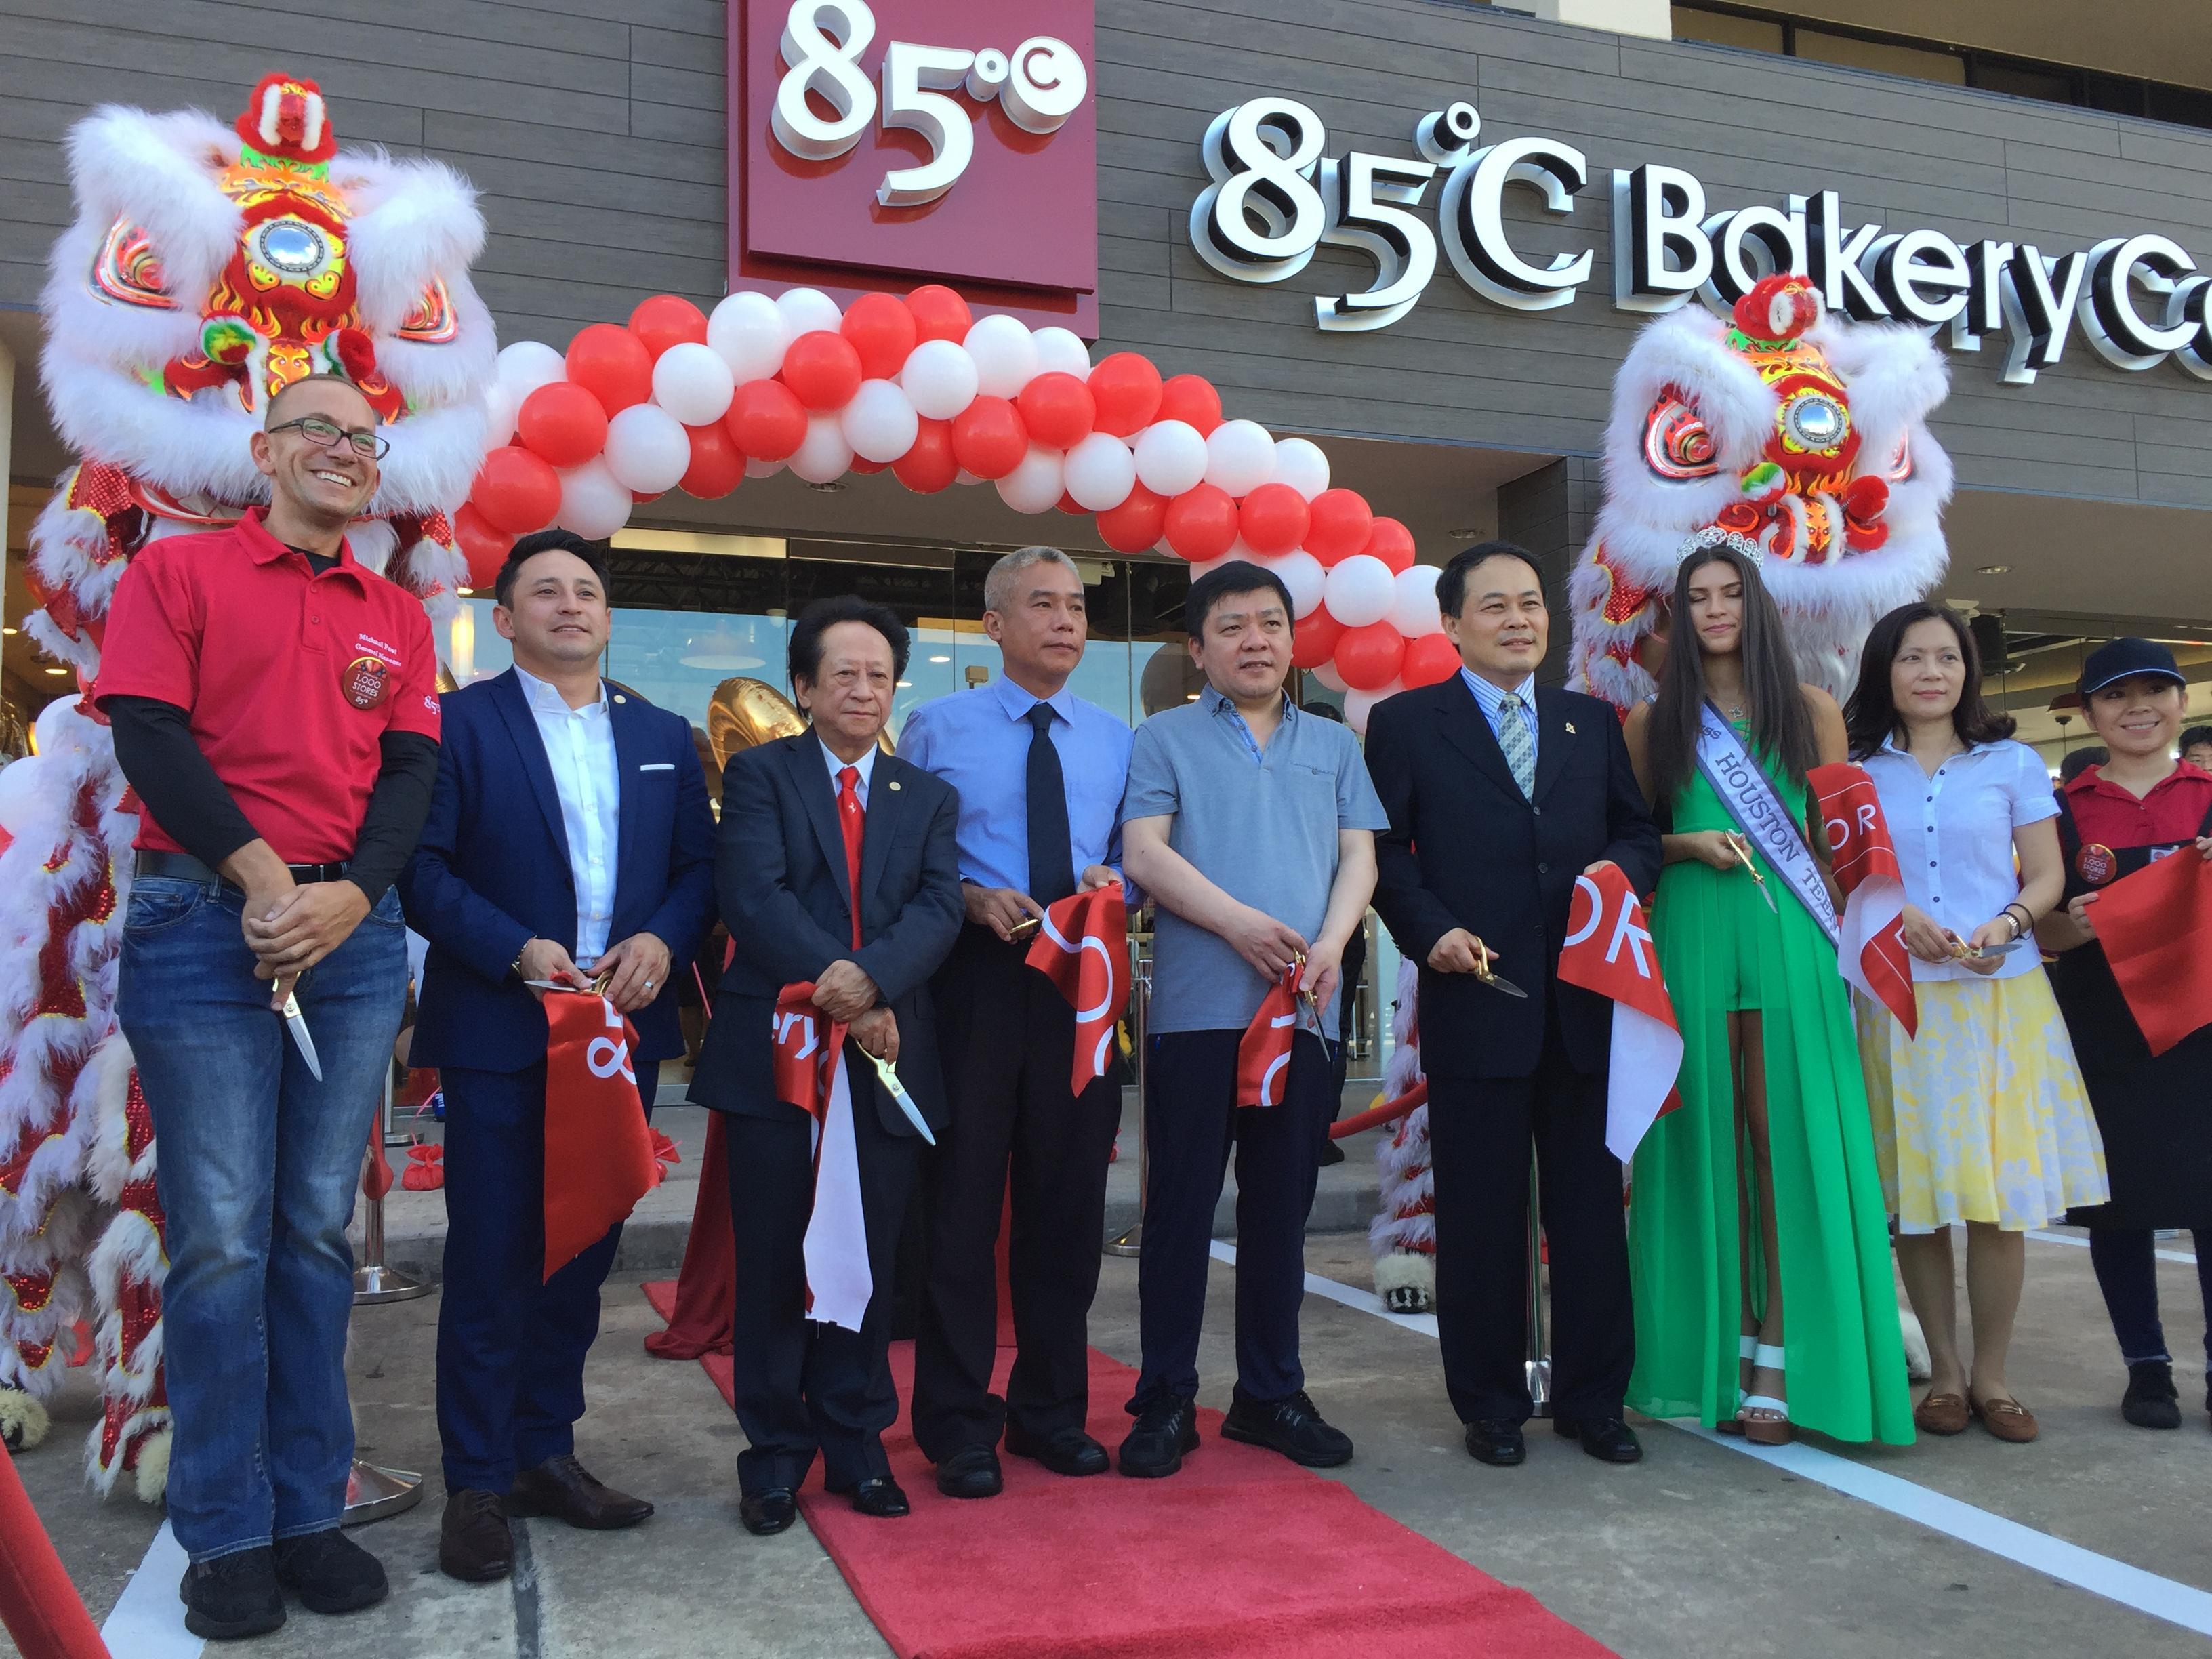 駐休士頓台北經濟文化辦事處黃敏境處長出席台商企業「85度C」全球第1,000家分店開幕活動並致詞推廣台灣美食